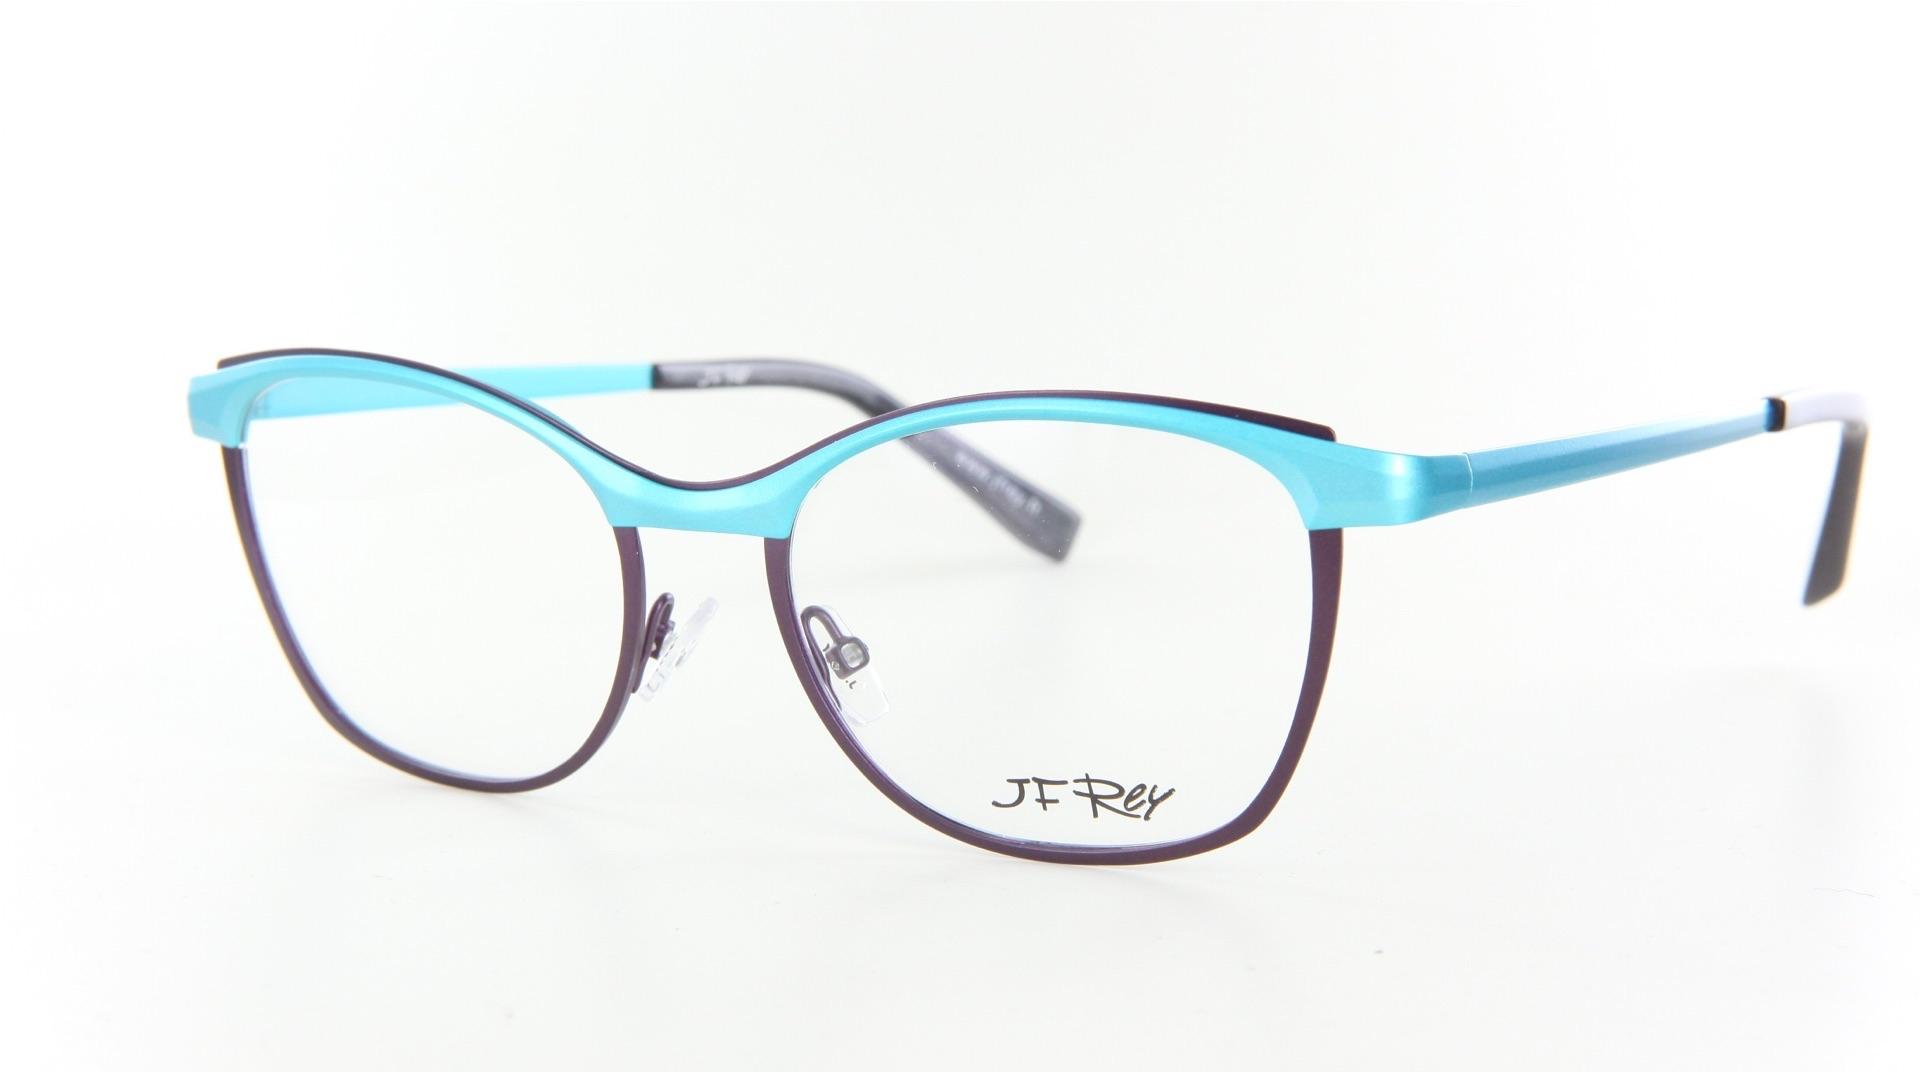 J.F. Rey - ref: 75676